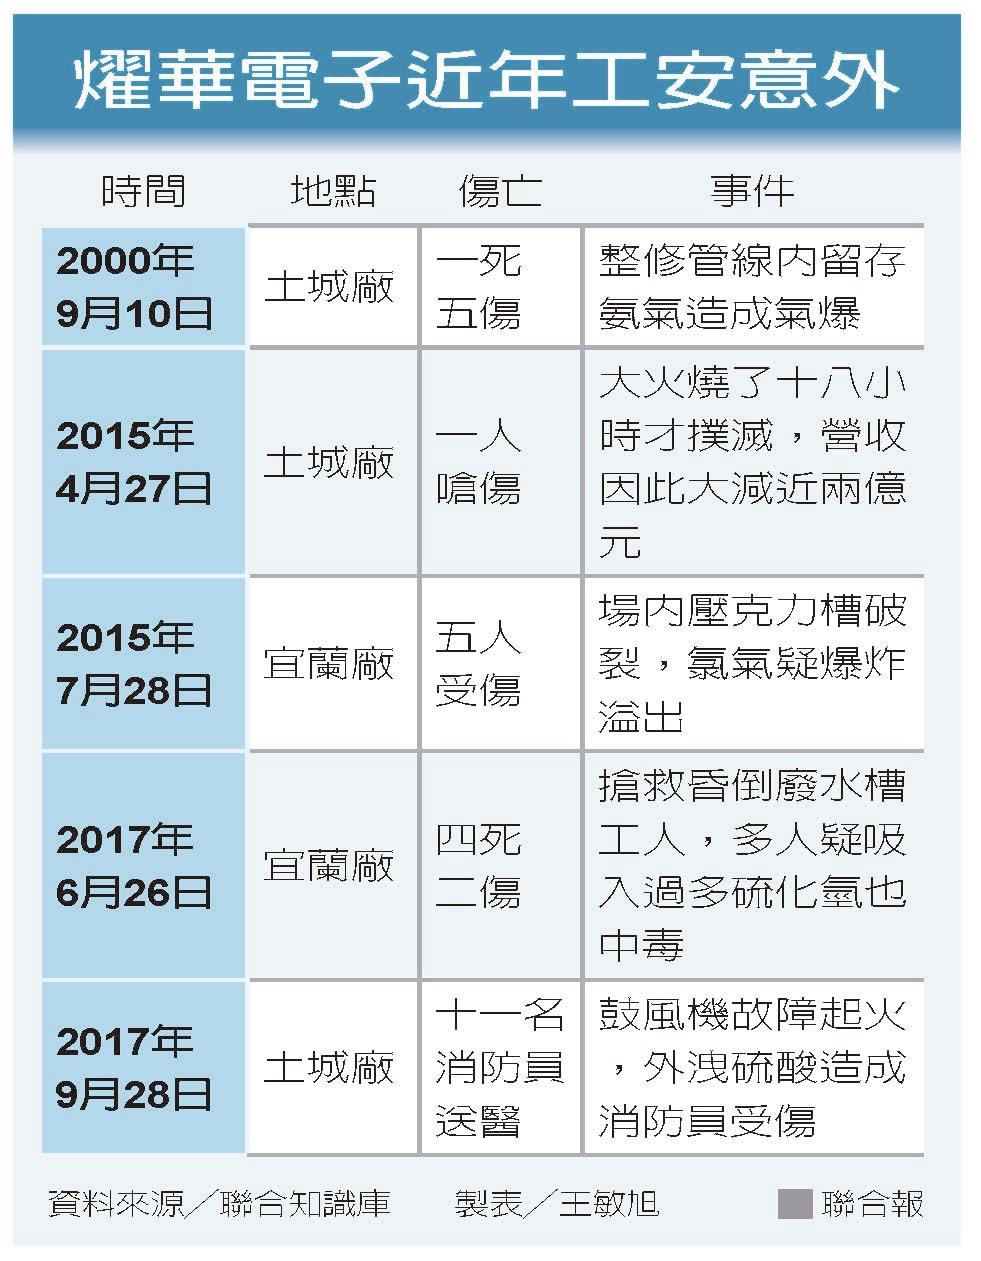 燿華電子近年工安意外 圖/聯合報提供